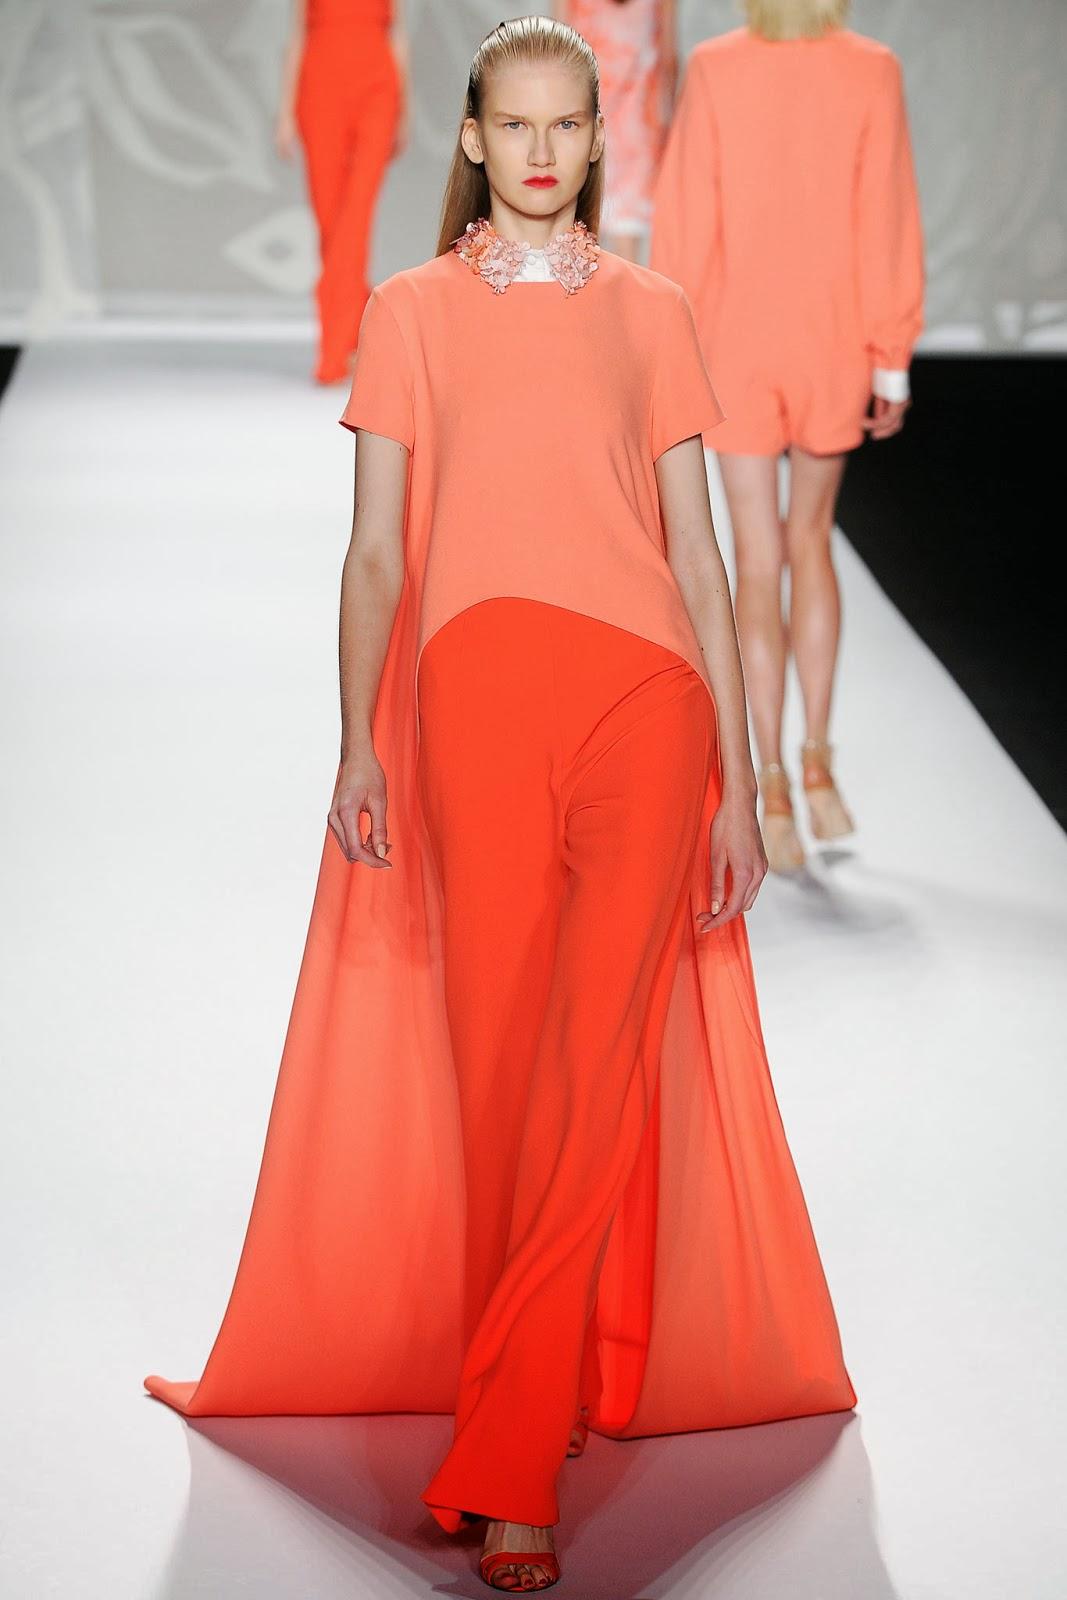 Monique Lhuillier, Monique Lhuillier New York Fashion Week, New York Fashion Week, Monique Lhuillier evening gown, Monique Lhuillier train